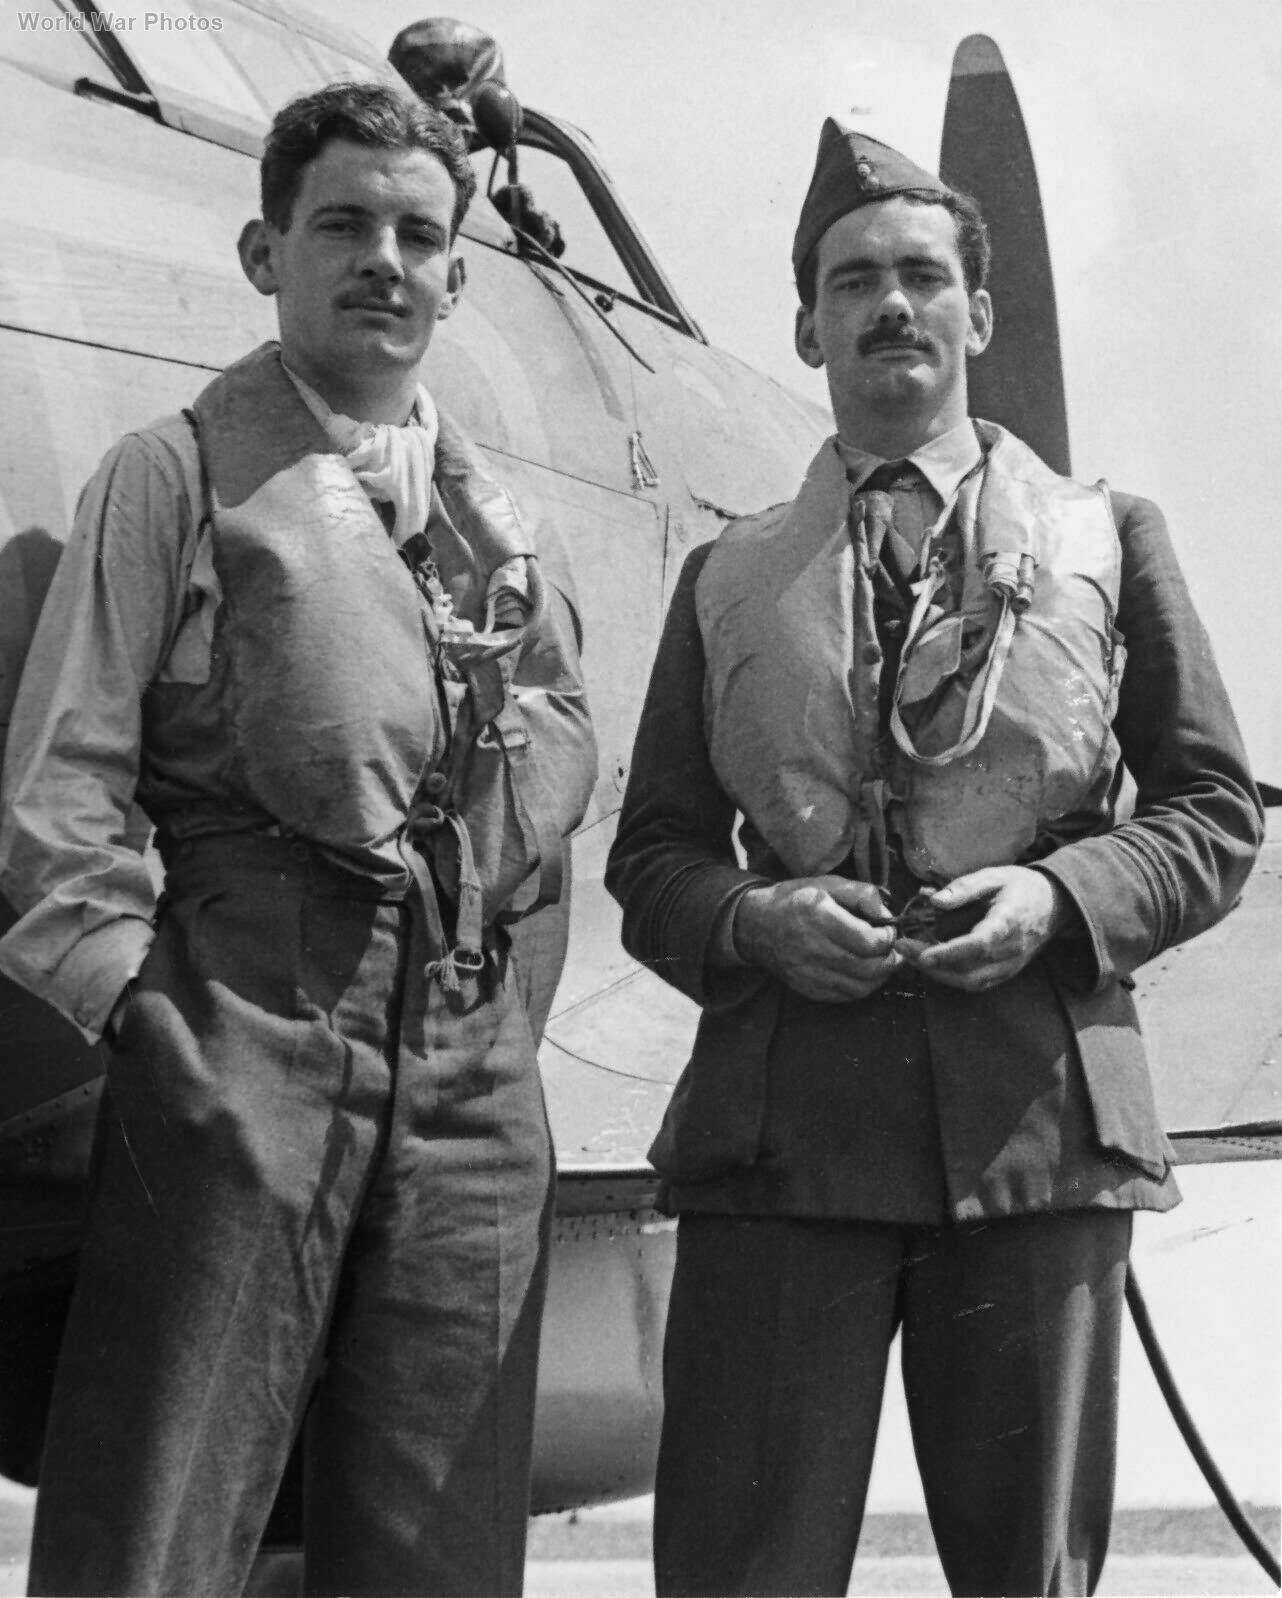 Hurricane pilots